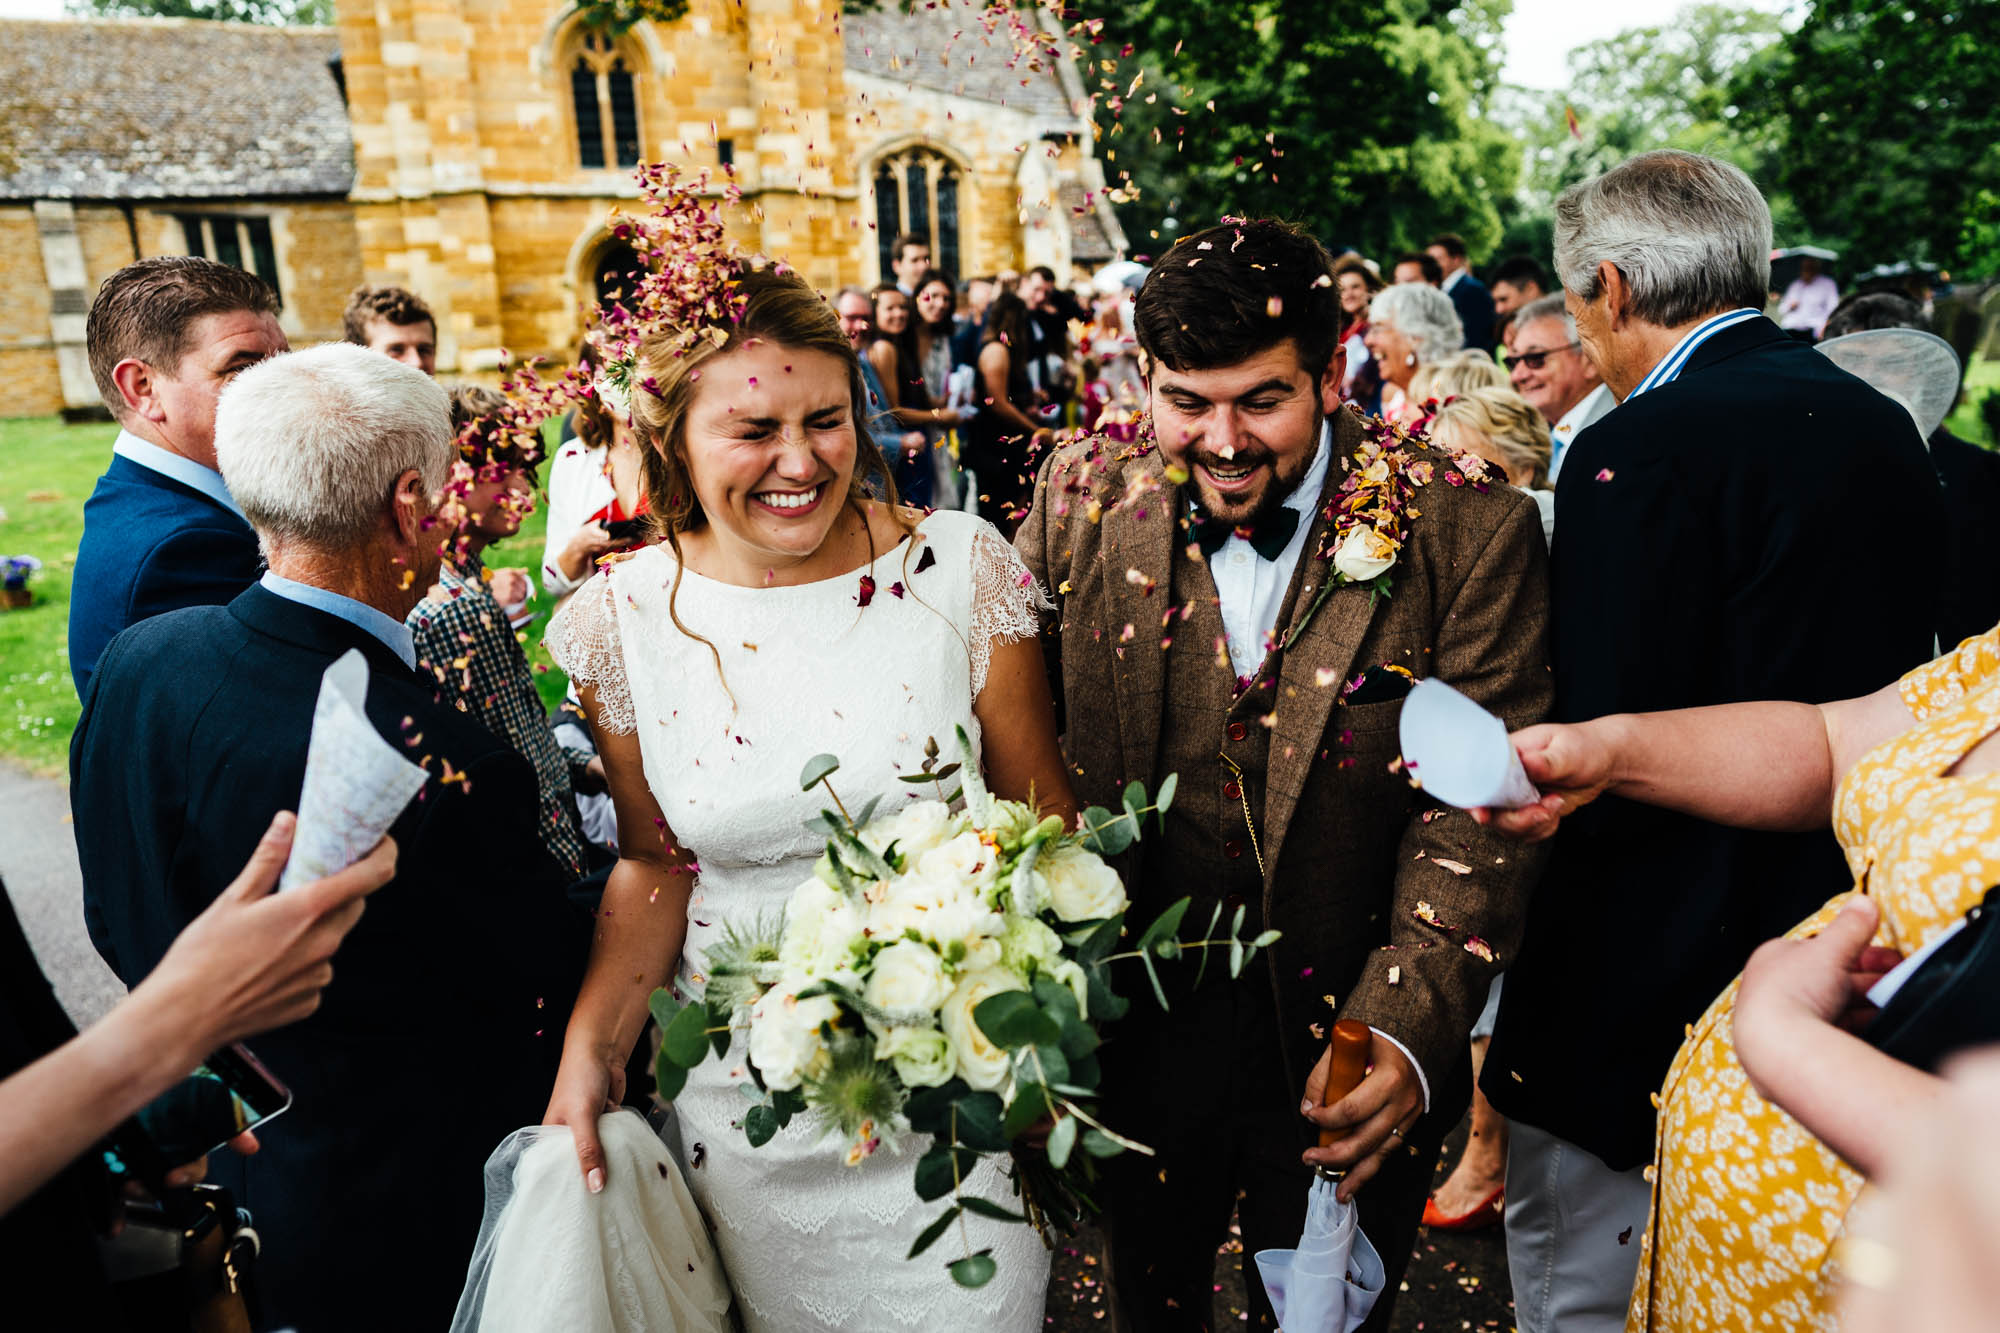 village-fete-wedding-31